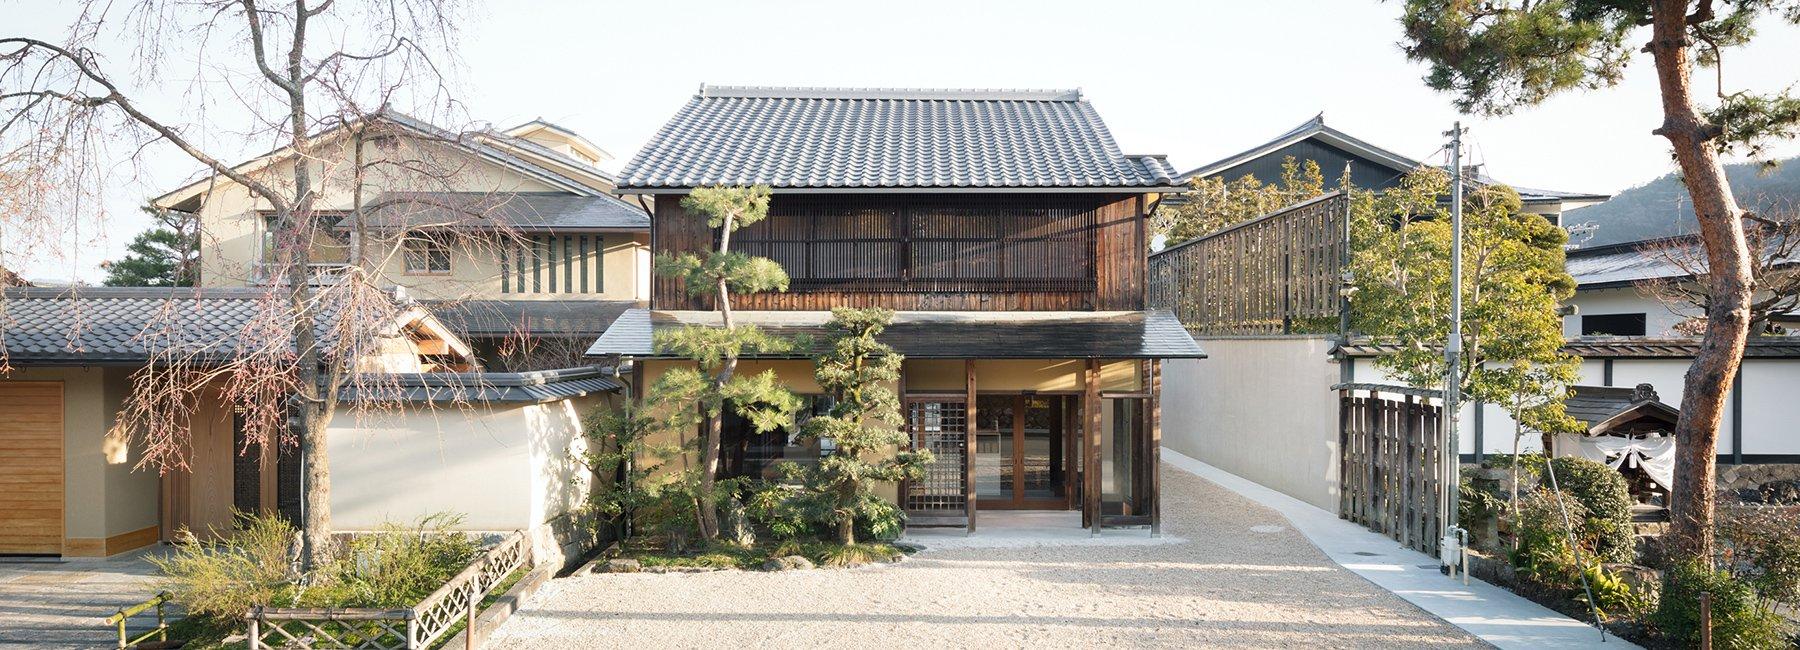 到京都的古舊「 町屋」,用一杯咖啡細品加州的 Blue Bottle Coffee ‧ A Day Magazine